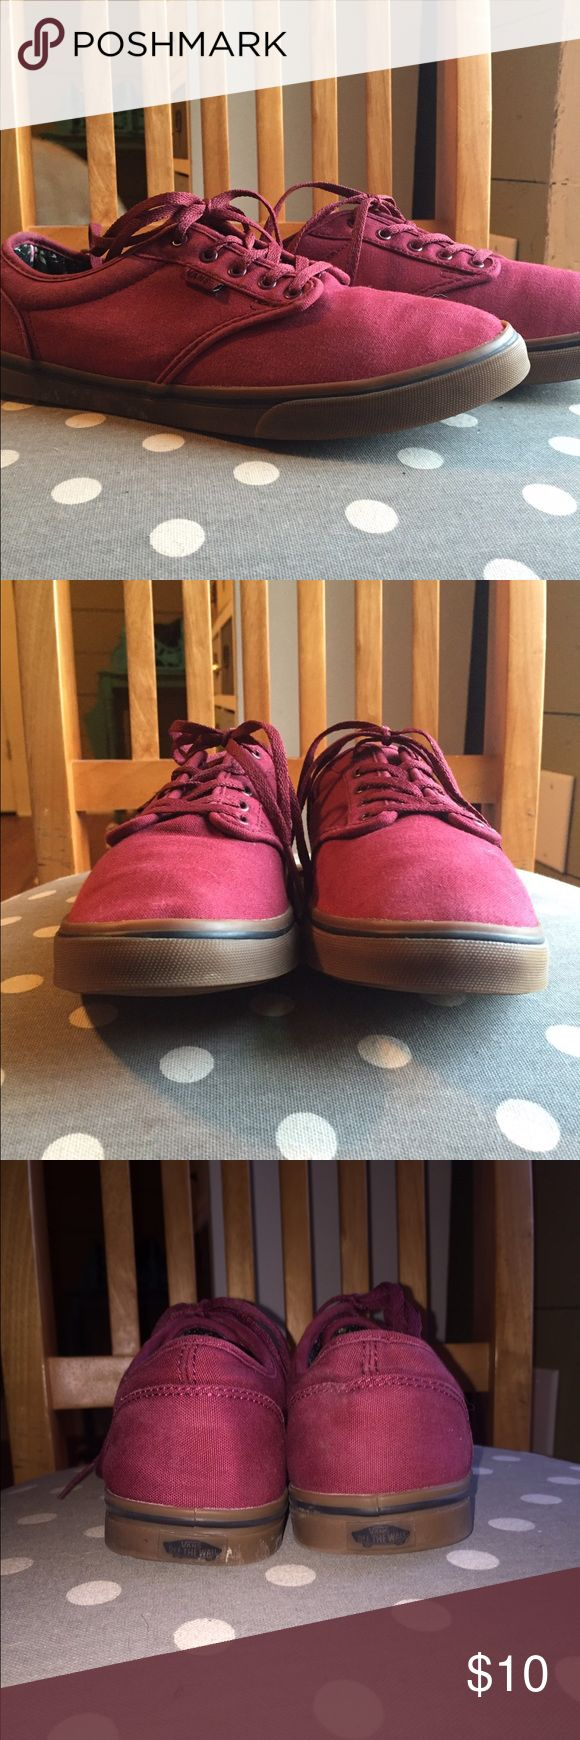 Low Pro Skate Vans Maroon Vans w/ Rose Pattern Inside. Gently worn. Vans Shoes Sneakers